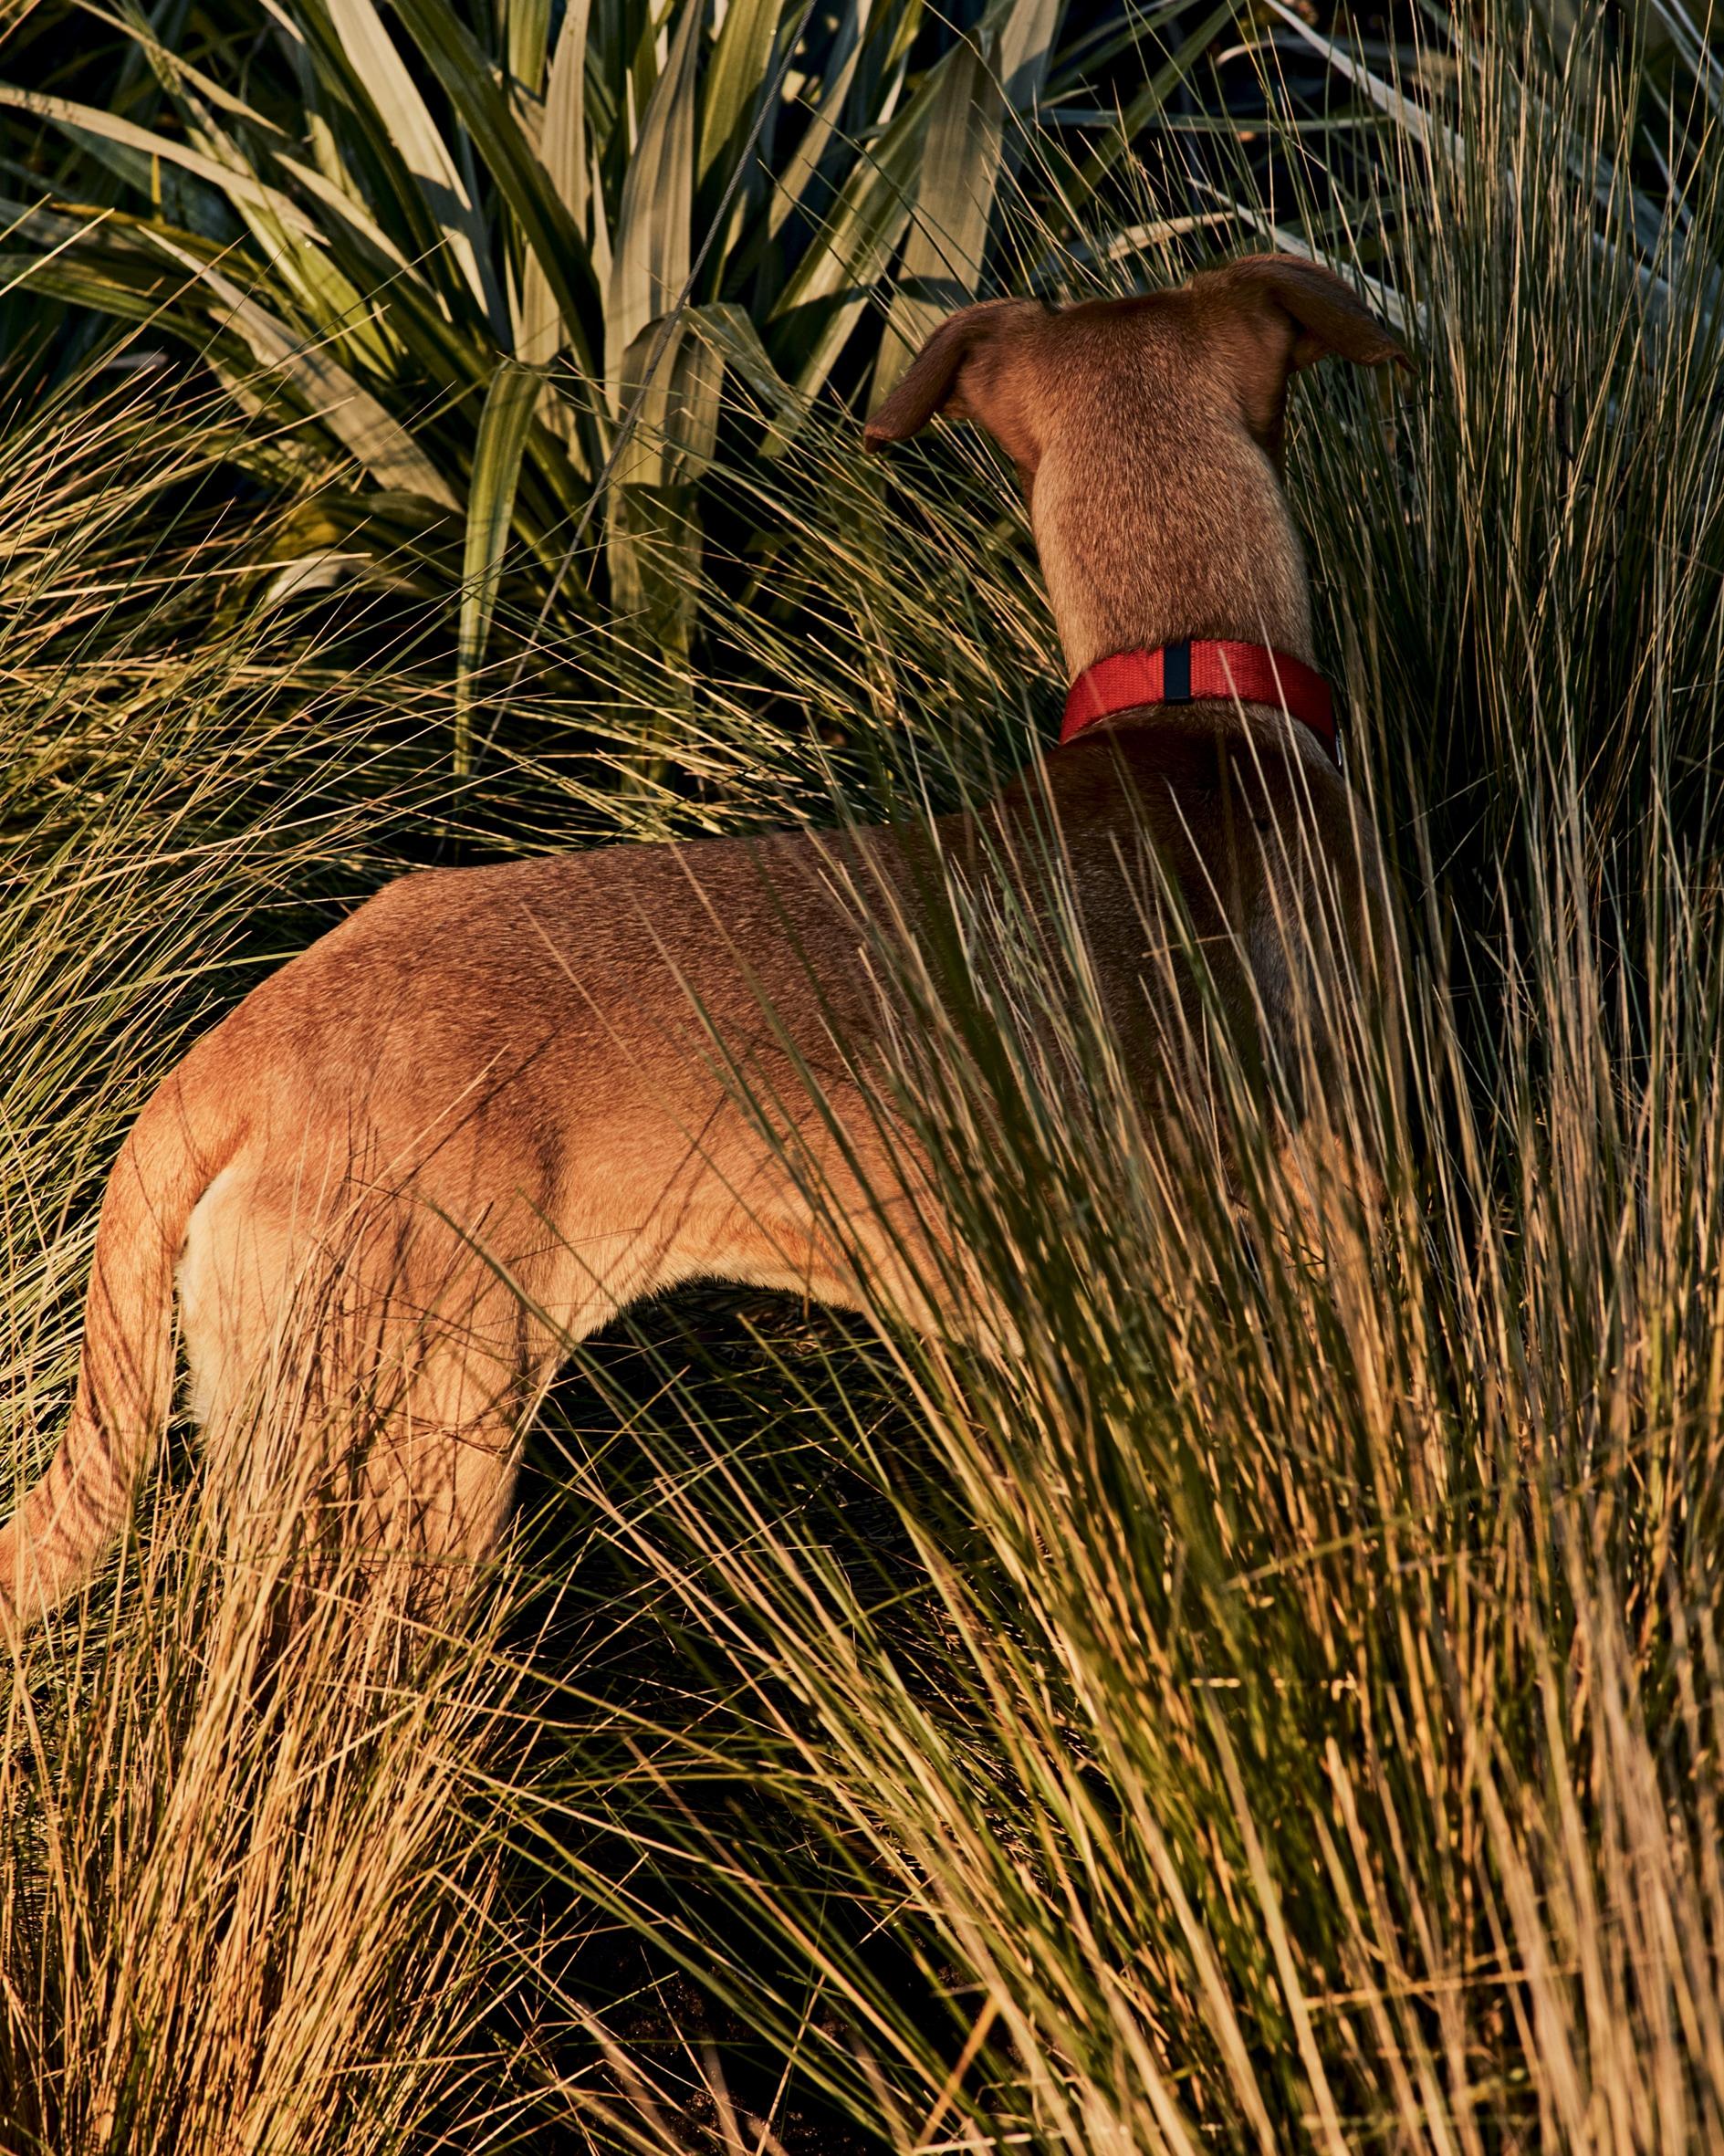 Sunny, uno dei tre cani di Adam Brown, fondatore di Orlebar Brown, nella loro casa in Cornovaglia.